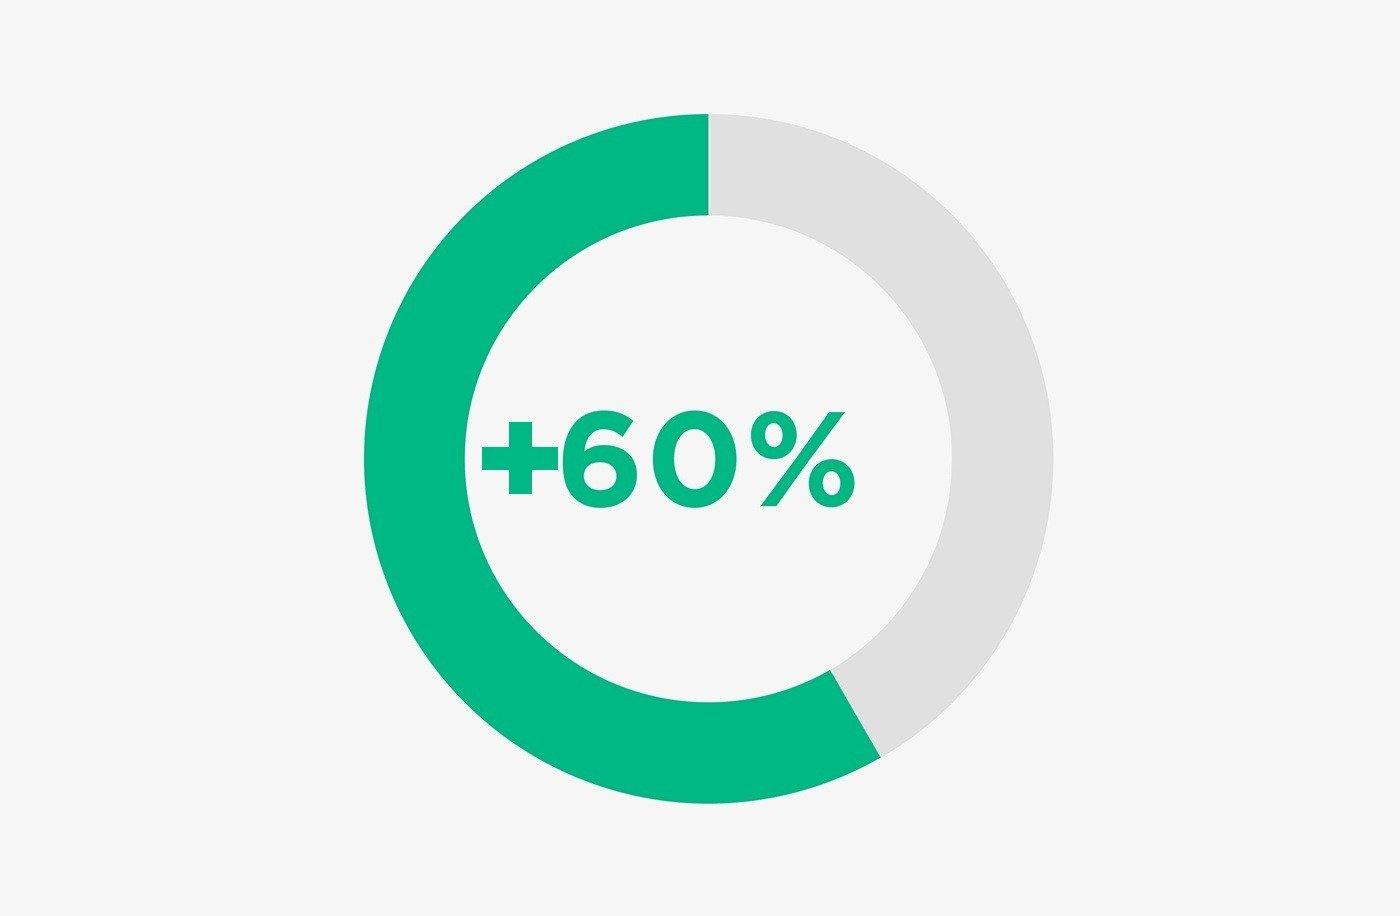 Strategiya +60% v stavkah na sport